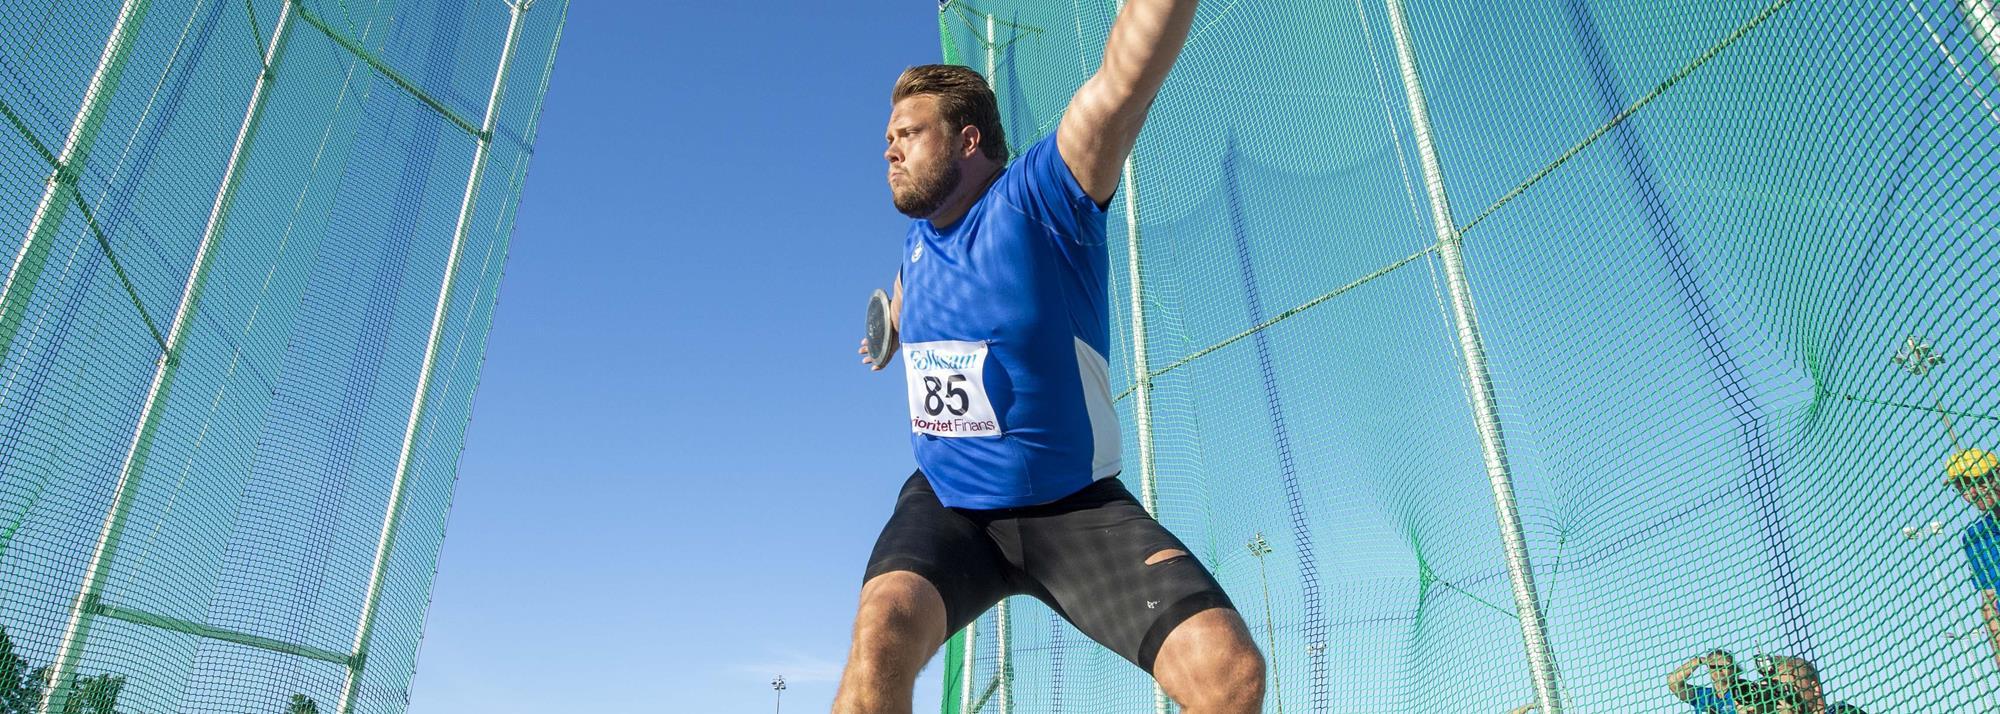 World Athletics | Stahl throws 71.37m in Sollentuna| News